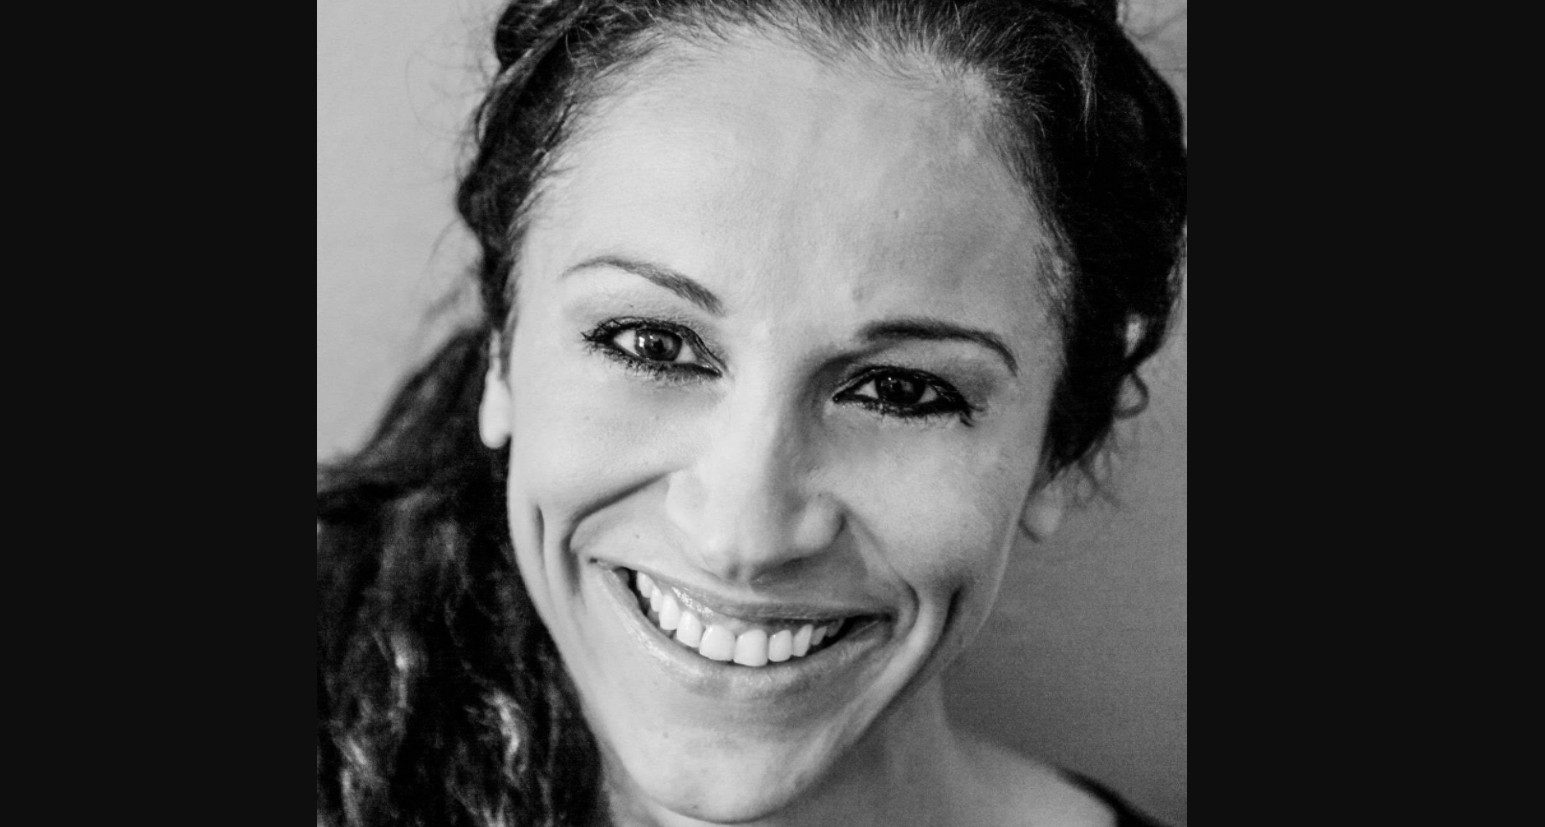 Δήμητρα Αγγελοπούλου: Πέθανε η ηθοποιός από καρκίνο